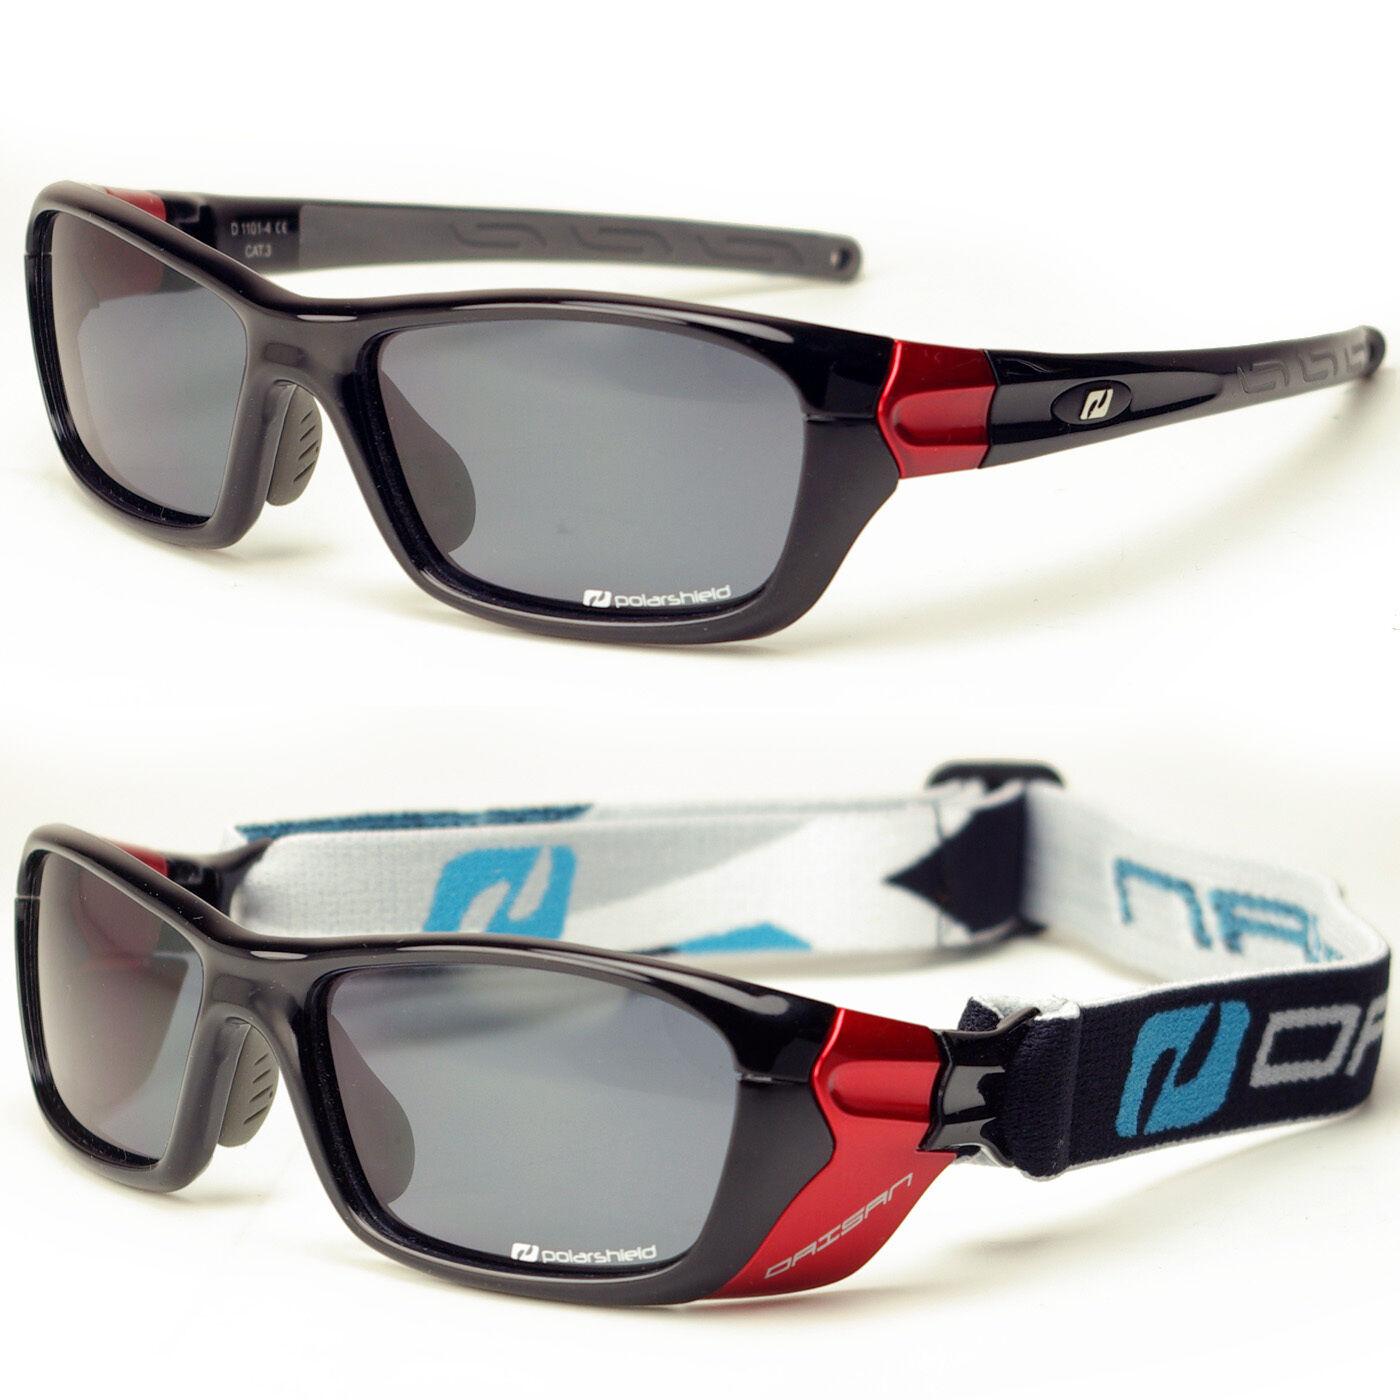 Daisan Multisportbrille mit Band - polarisierende Scheiben - Windschutz